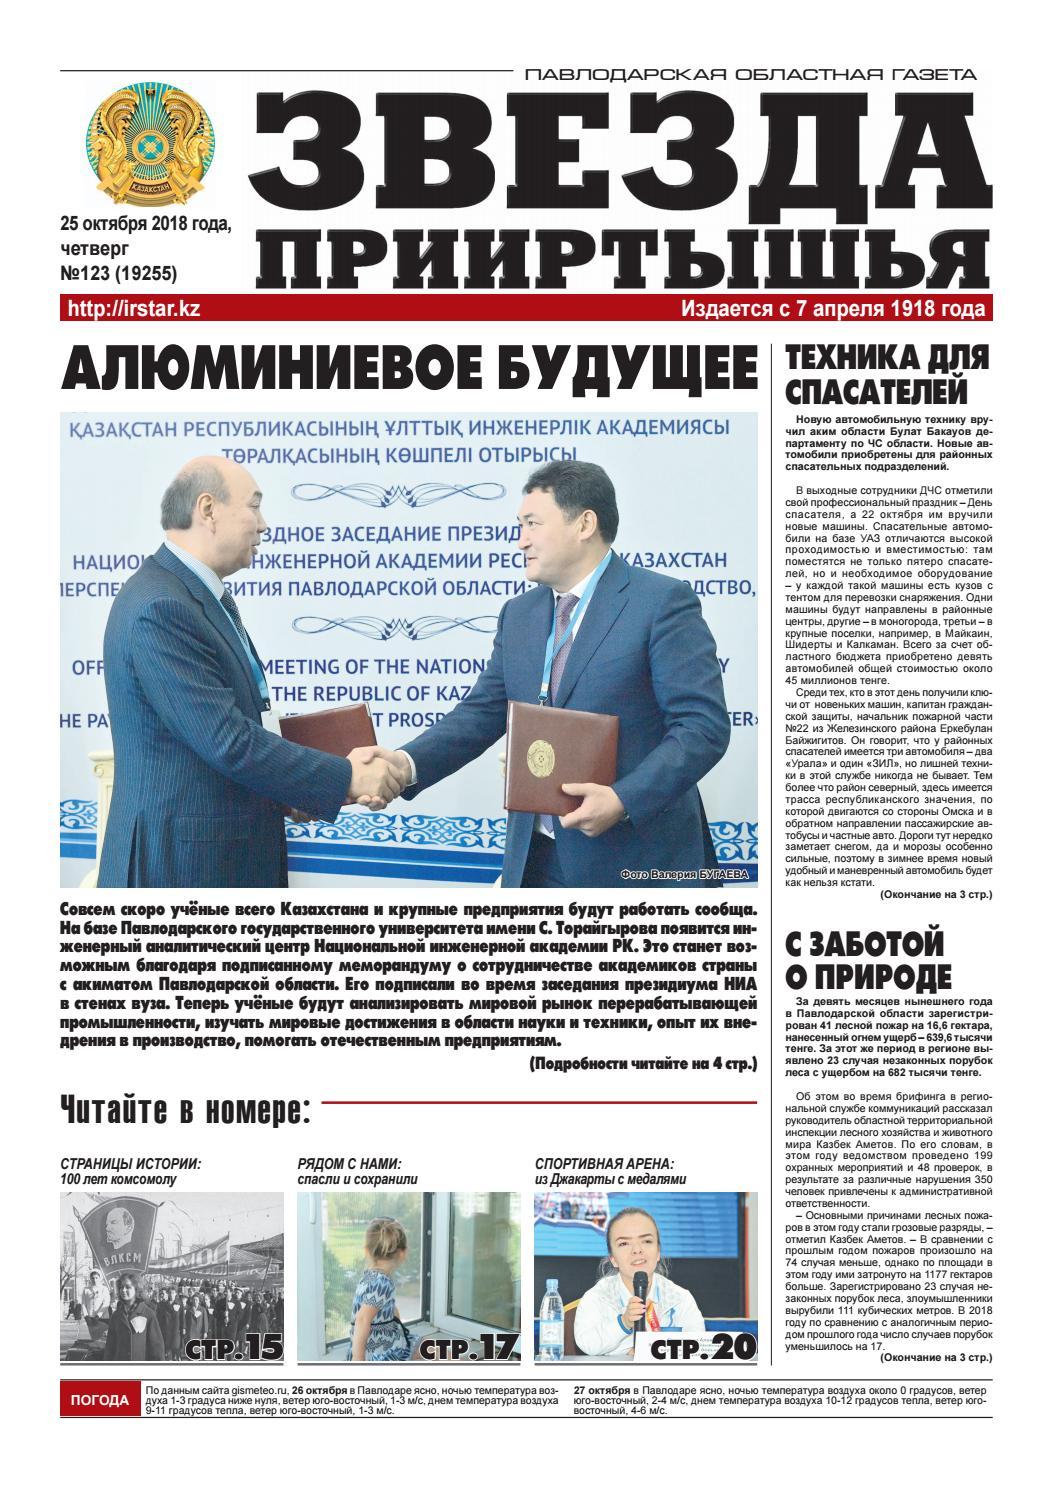 казахстан павлодар займы на полгода поможем рефинансировать микрозаймы